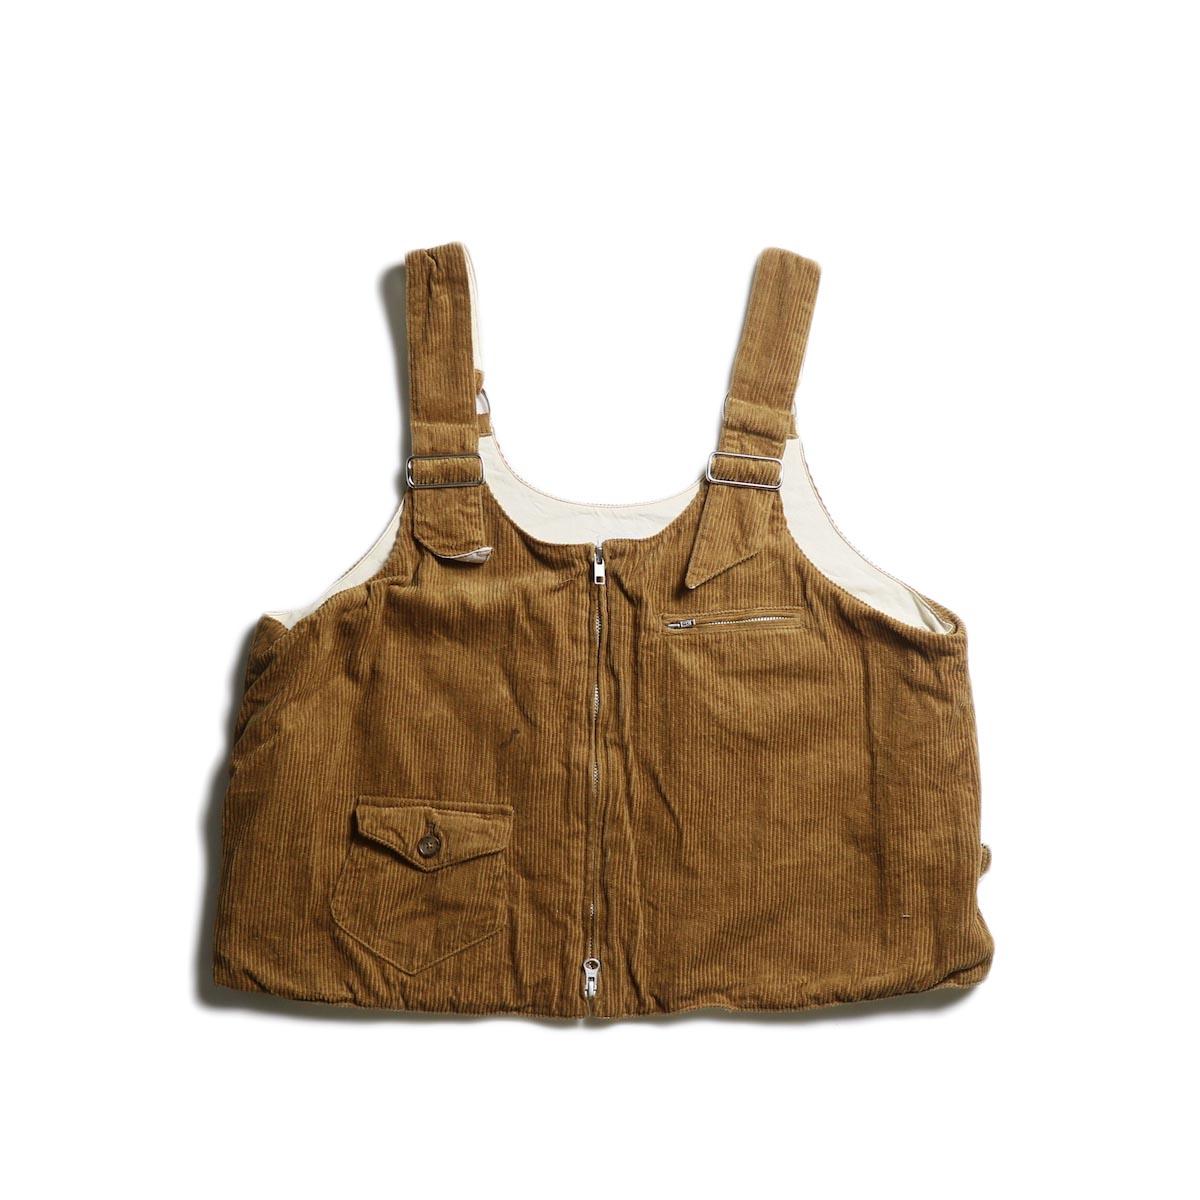 AiE / DSD Vest -8W Corduroy (Chestnut)